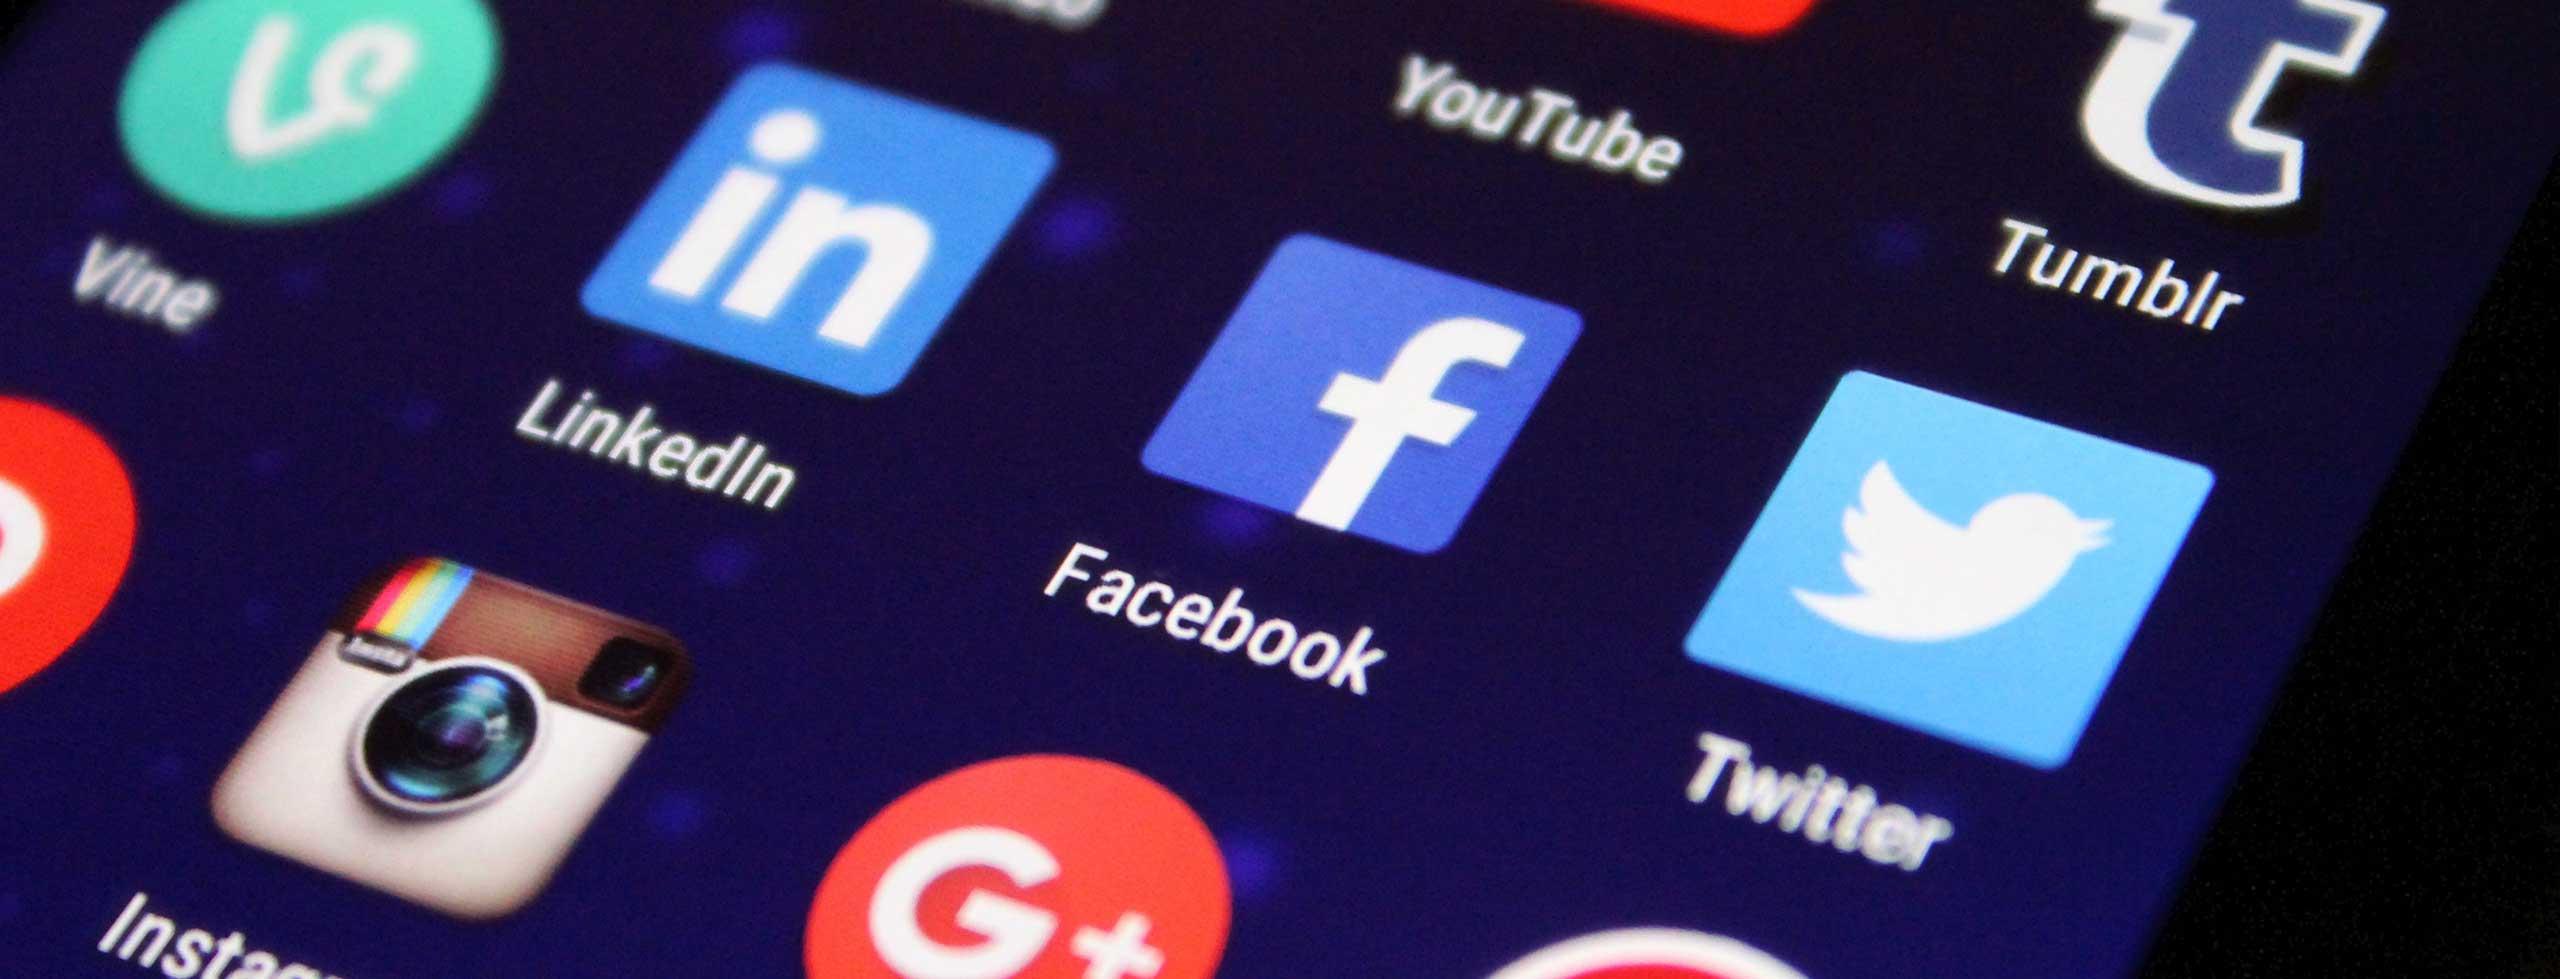 Social Media Drechtsteden Onderneemt